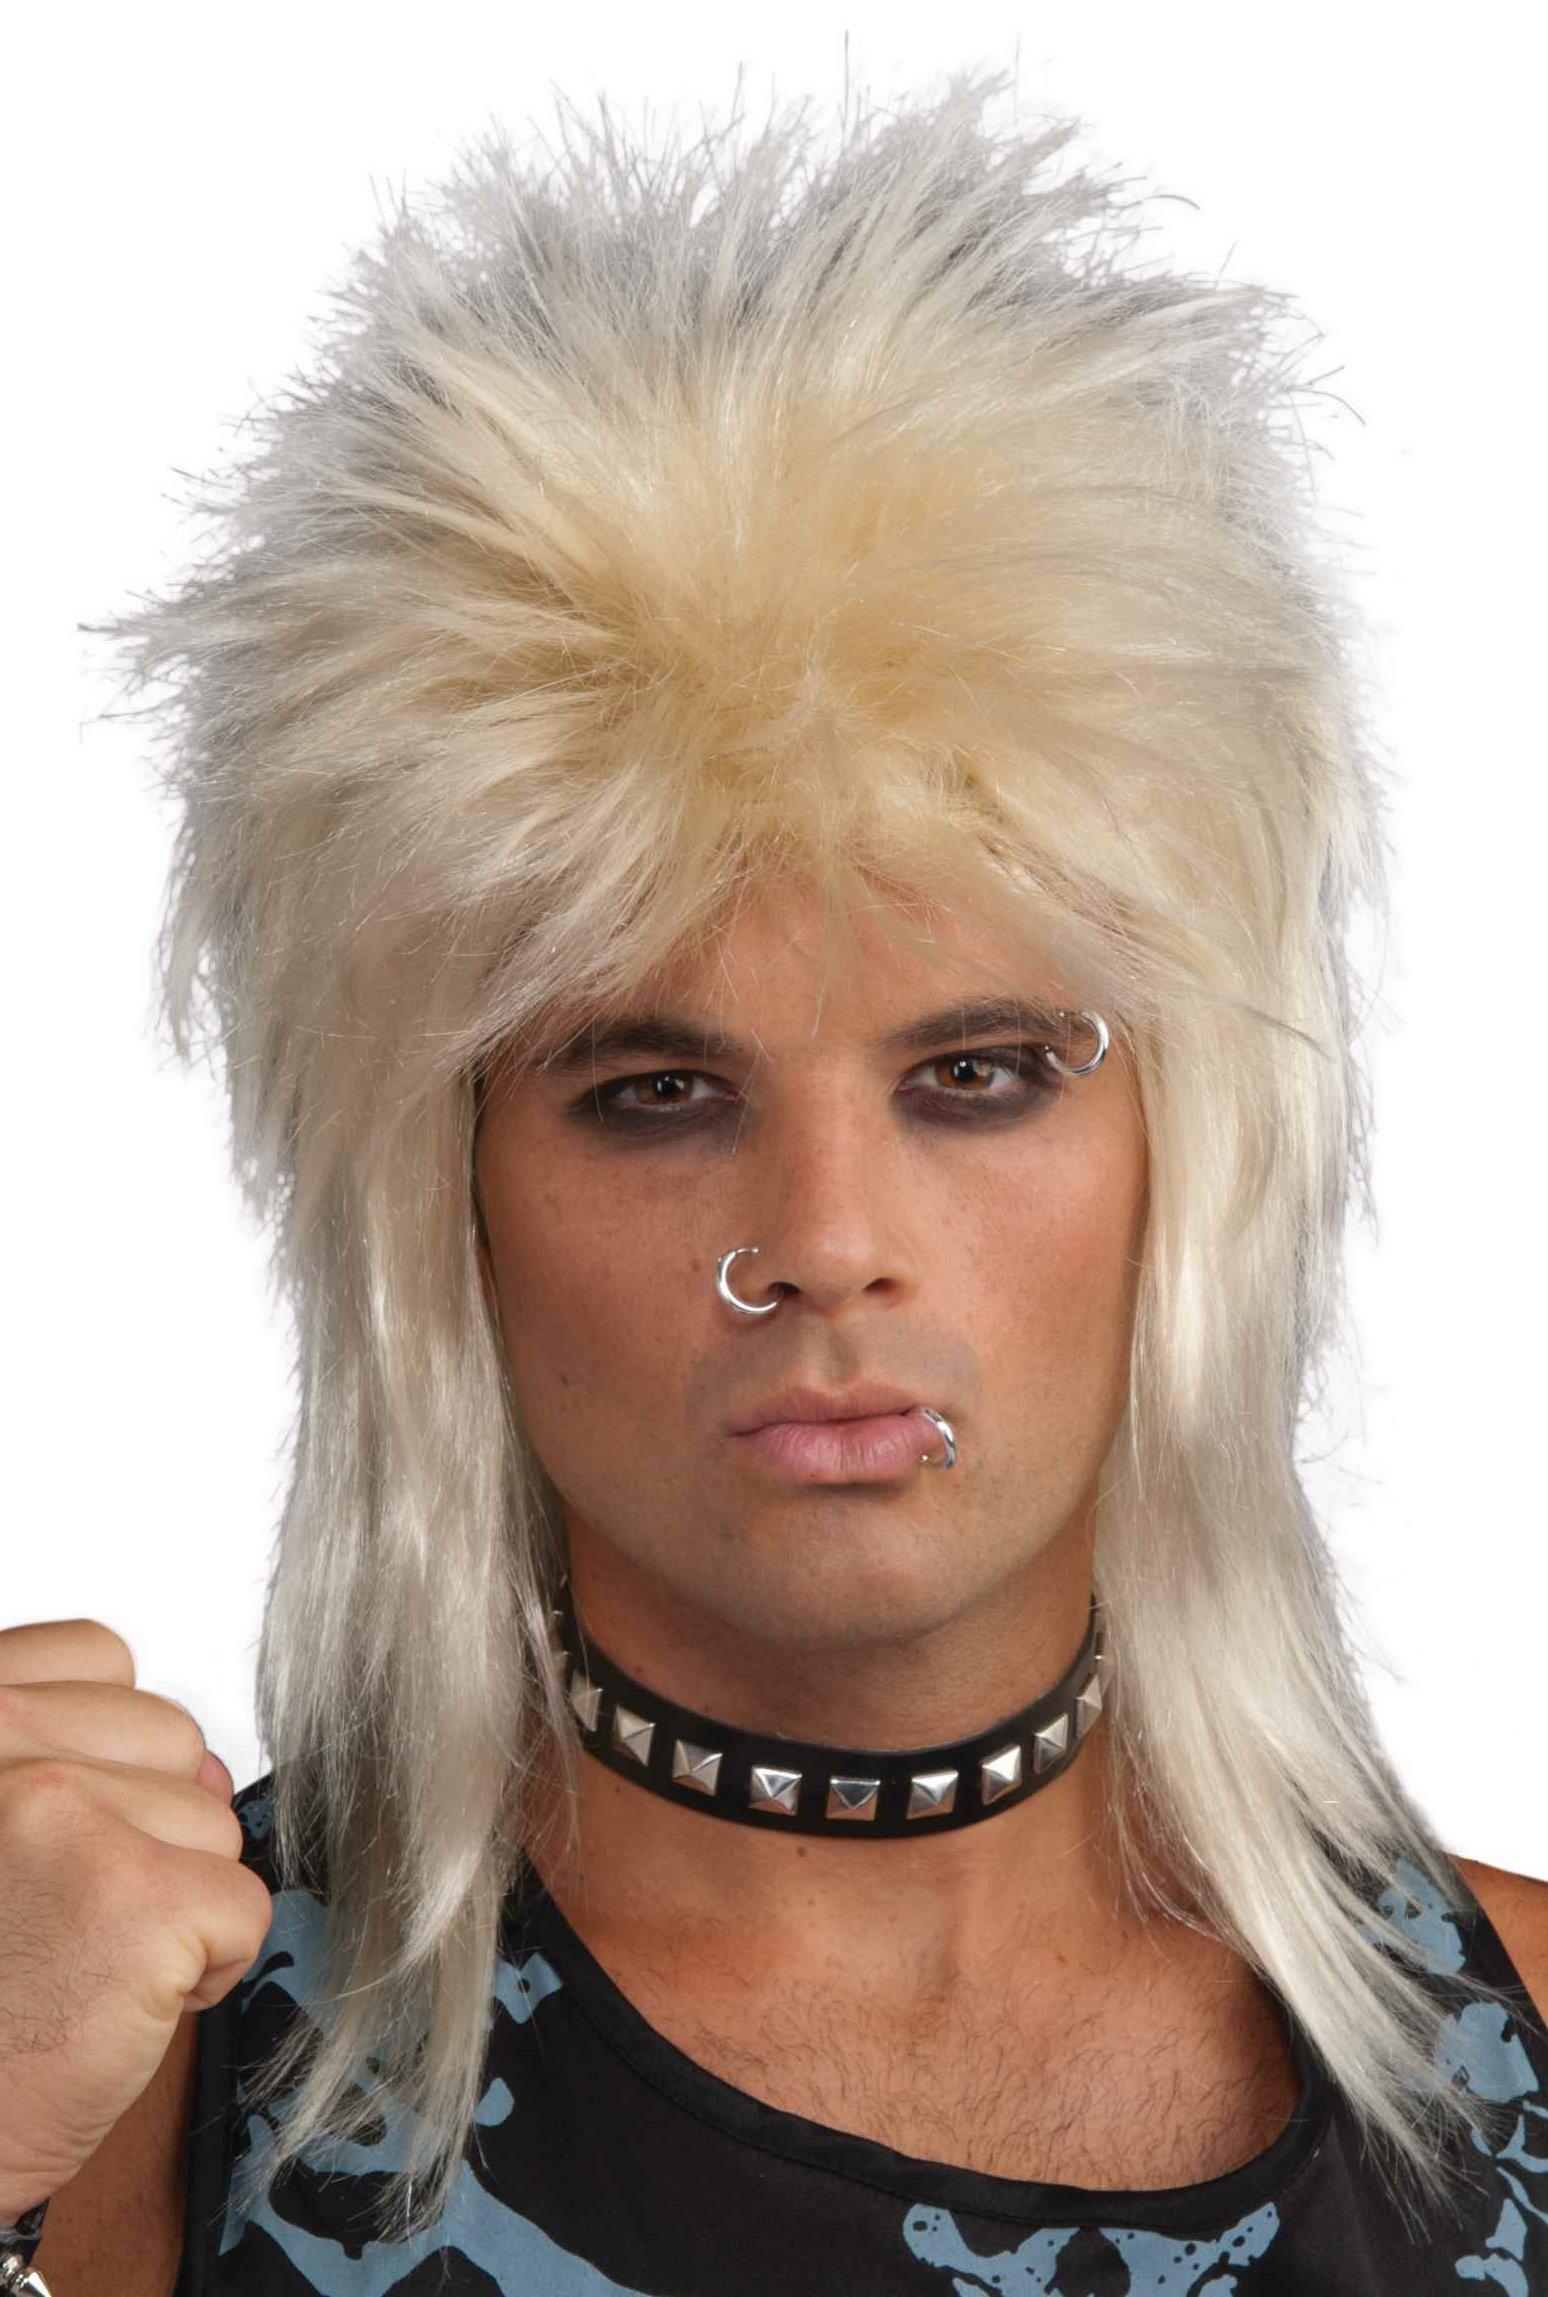 Rock Star Unisex Blonde Wig